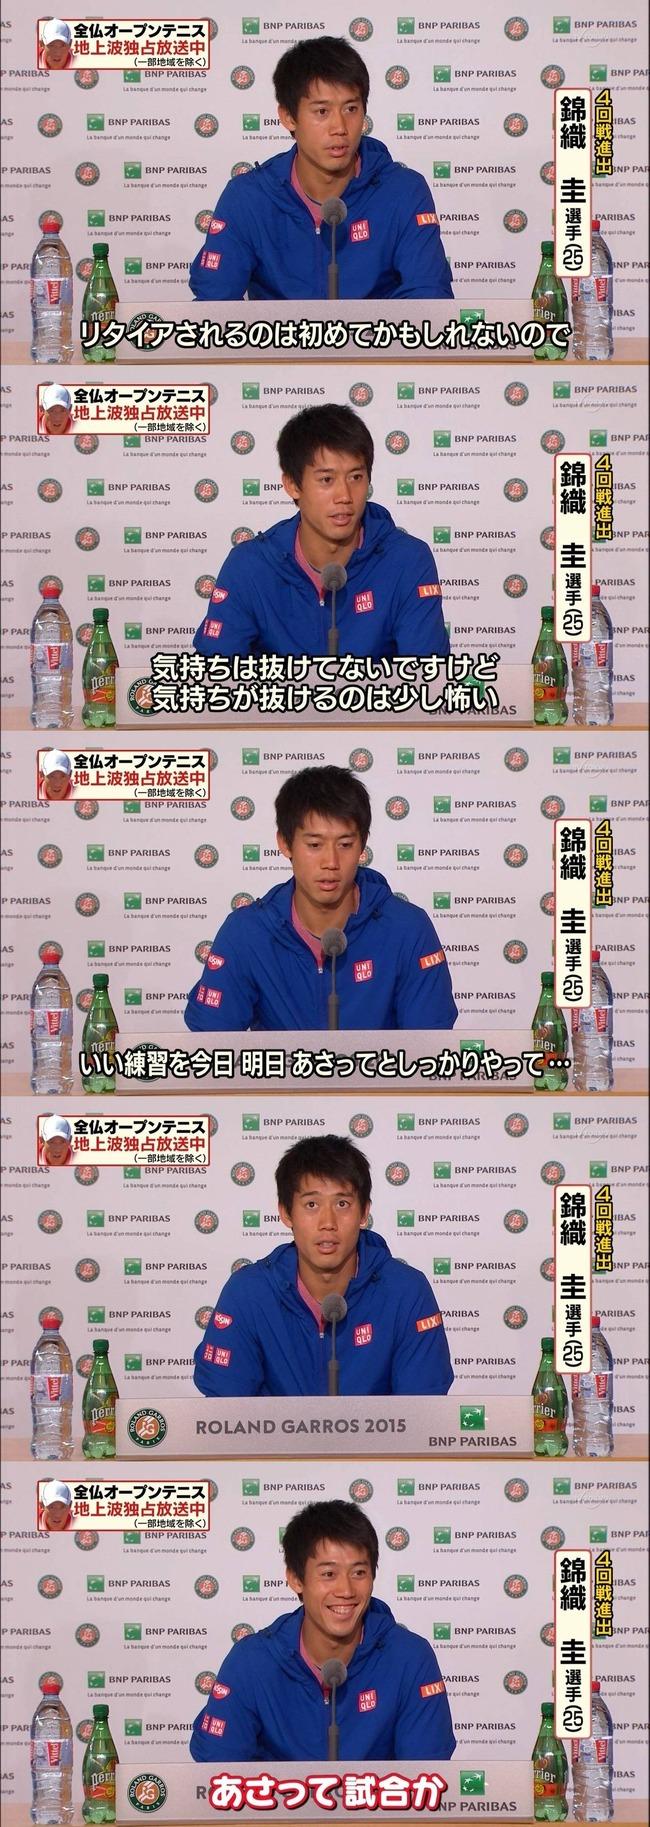 テニス 会見 錦織圭 天然 記憶喪失に関連した画像-03